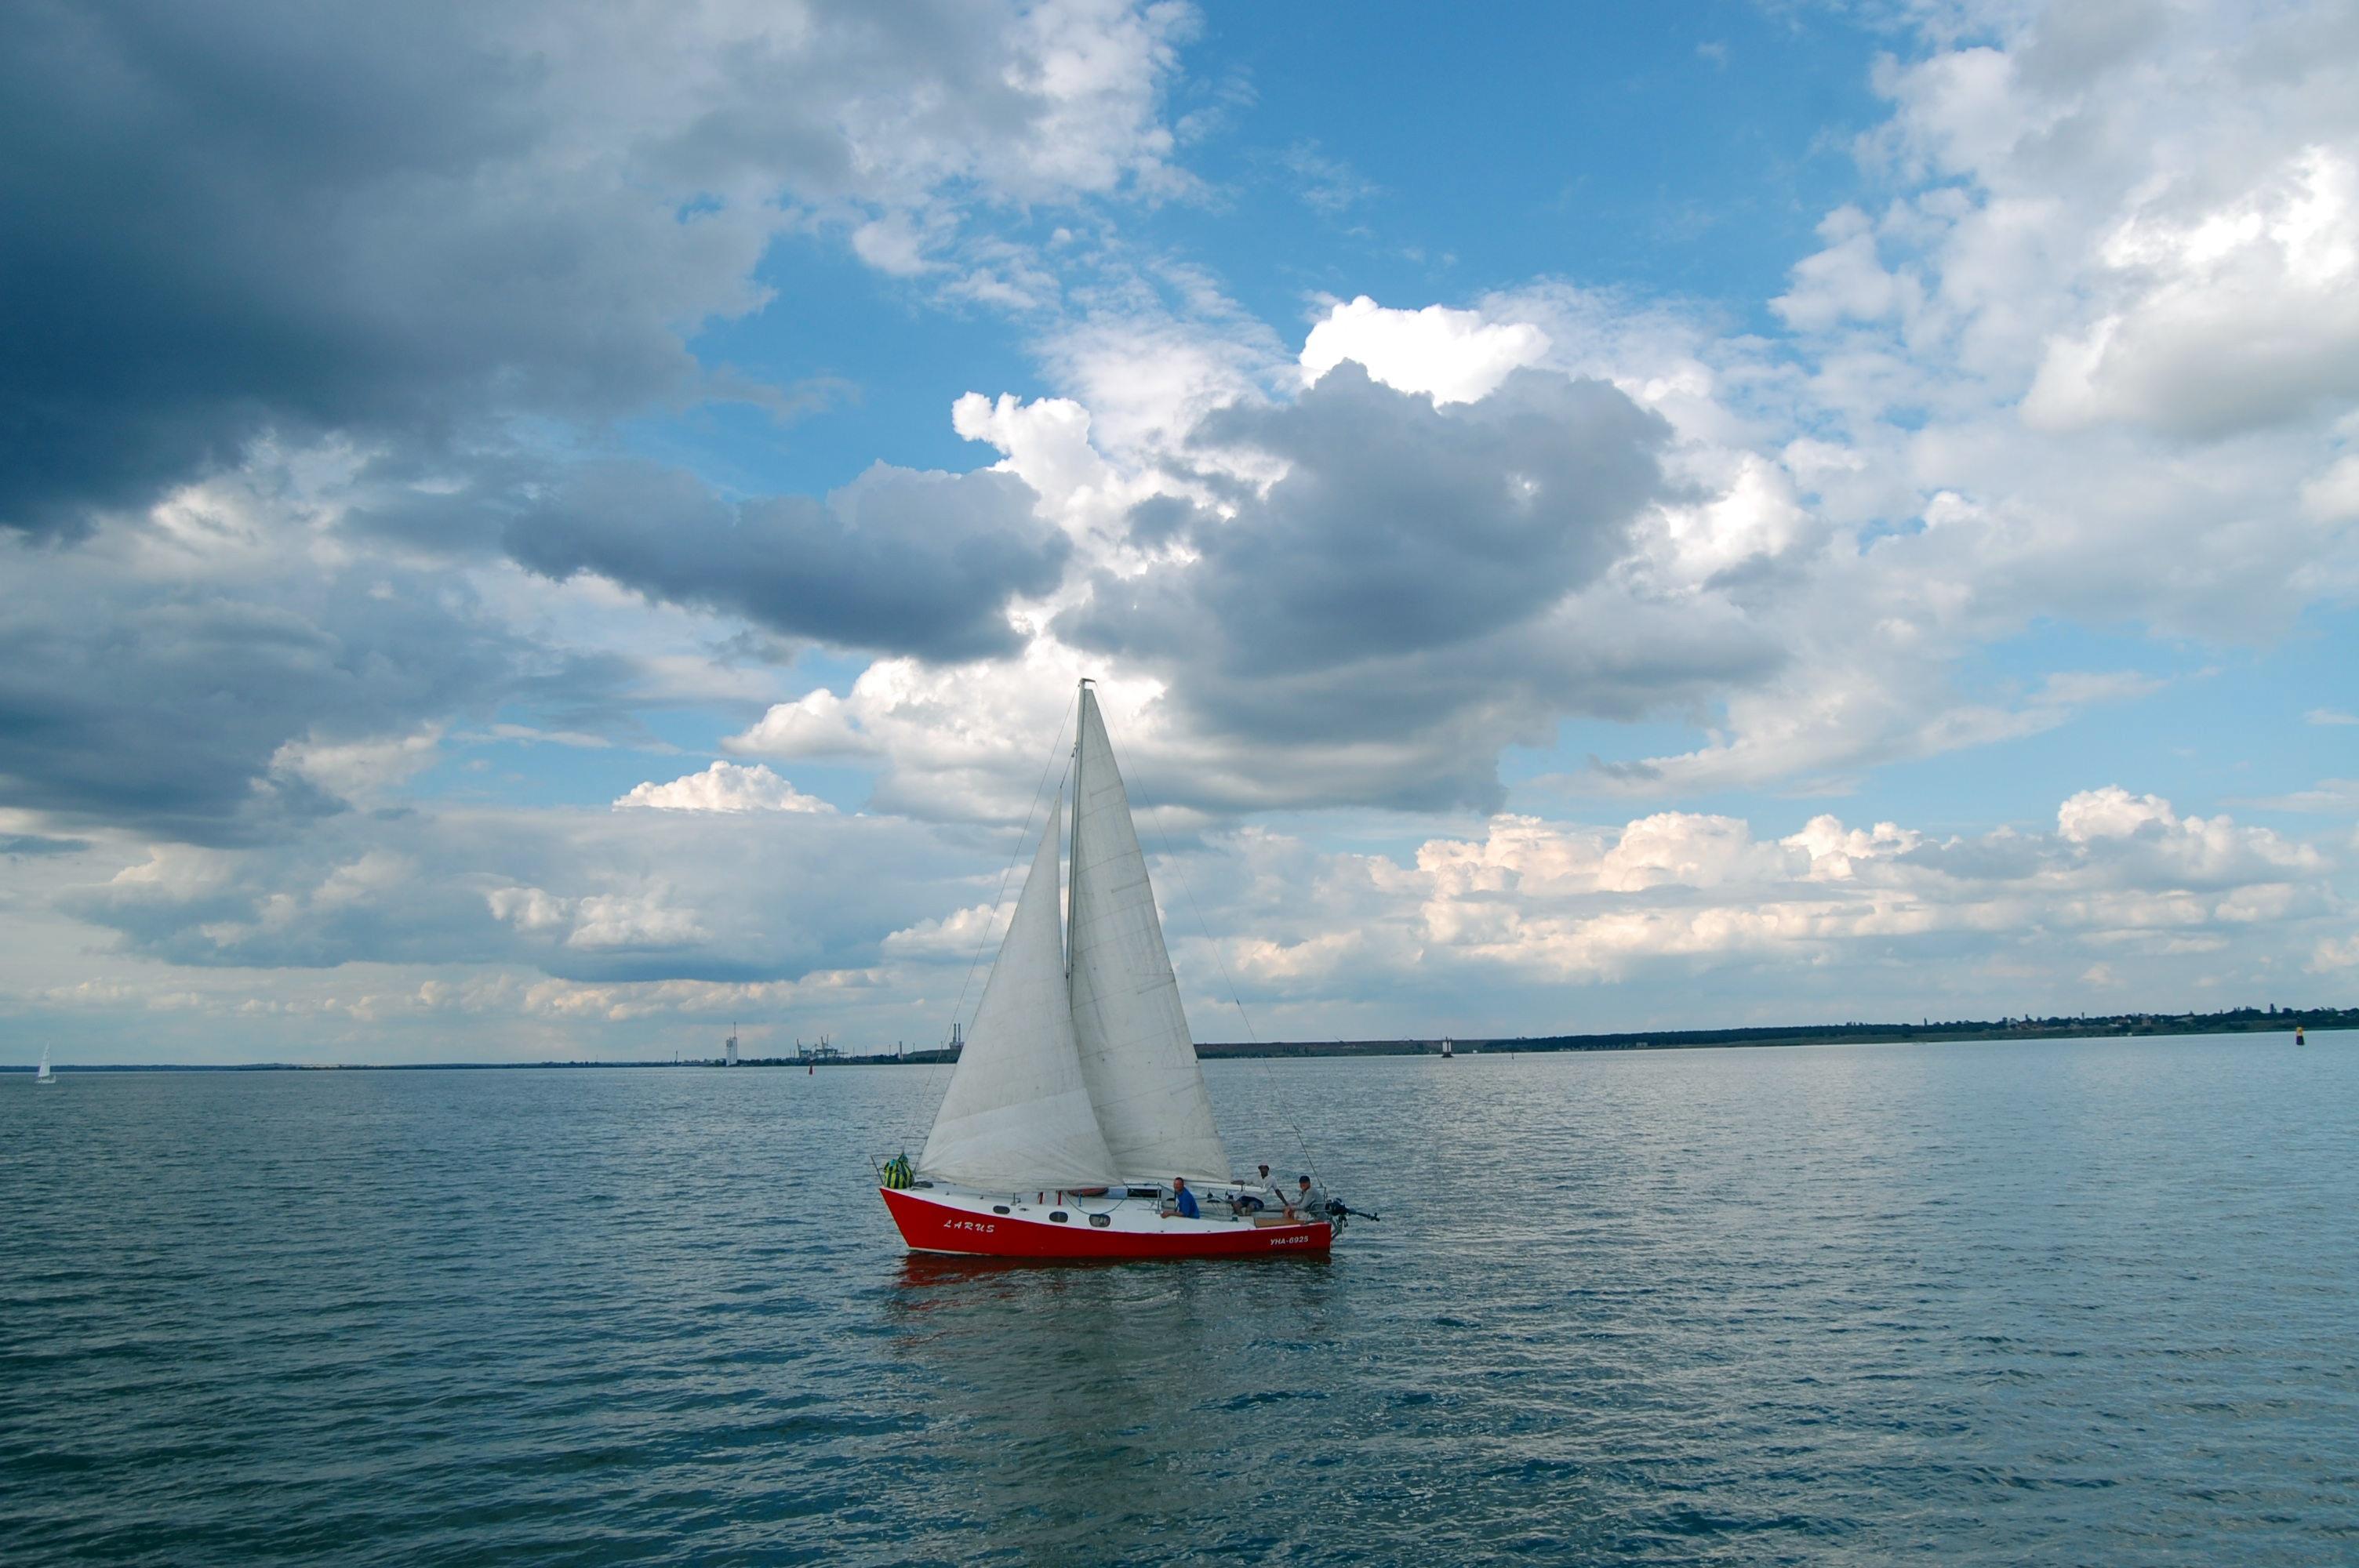 Картинки лодка с парусом, года бронзовая